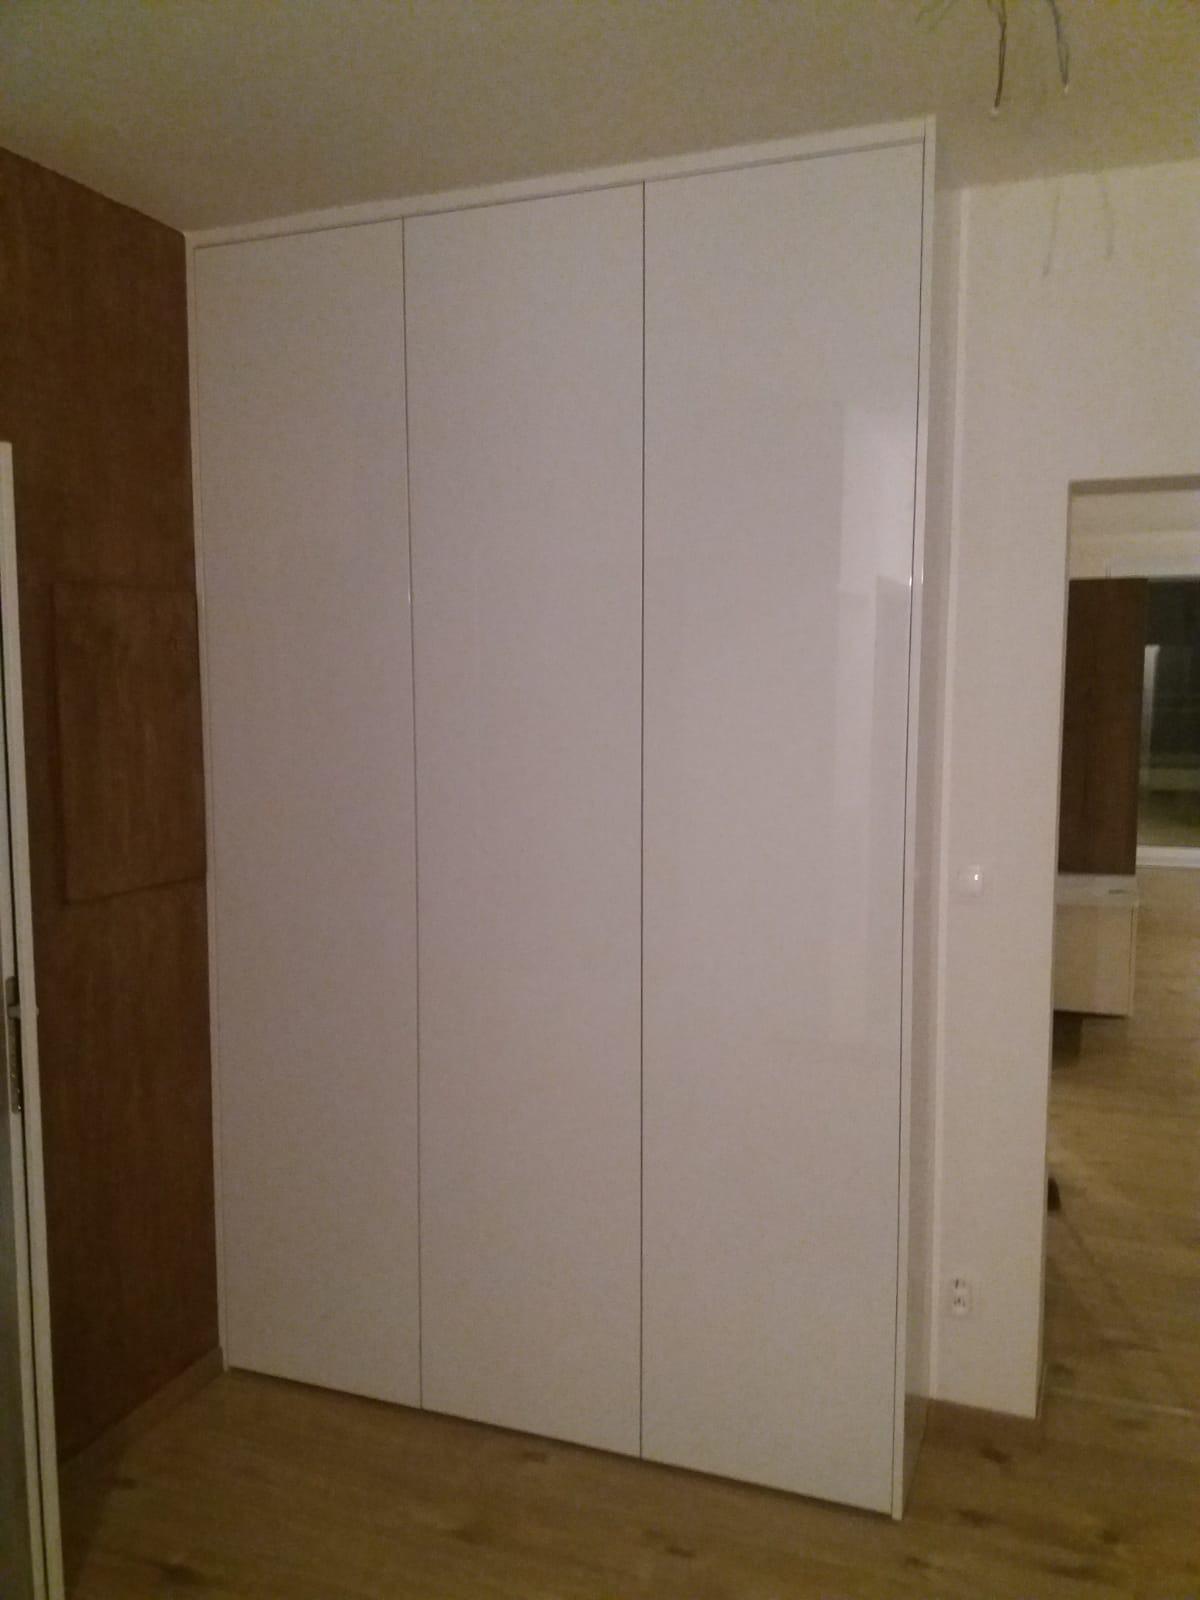 Niekde v Poľsku :) vyrábame také dvere v ráme - Obrázok č. 5